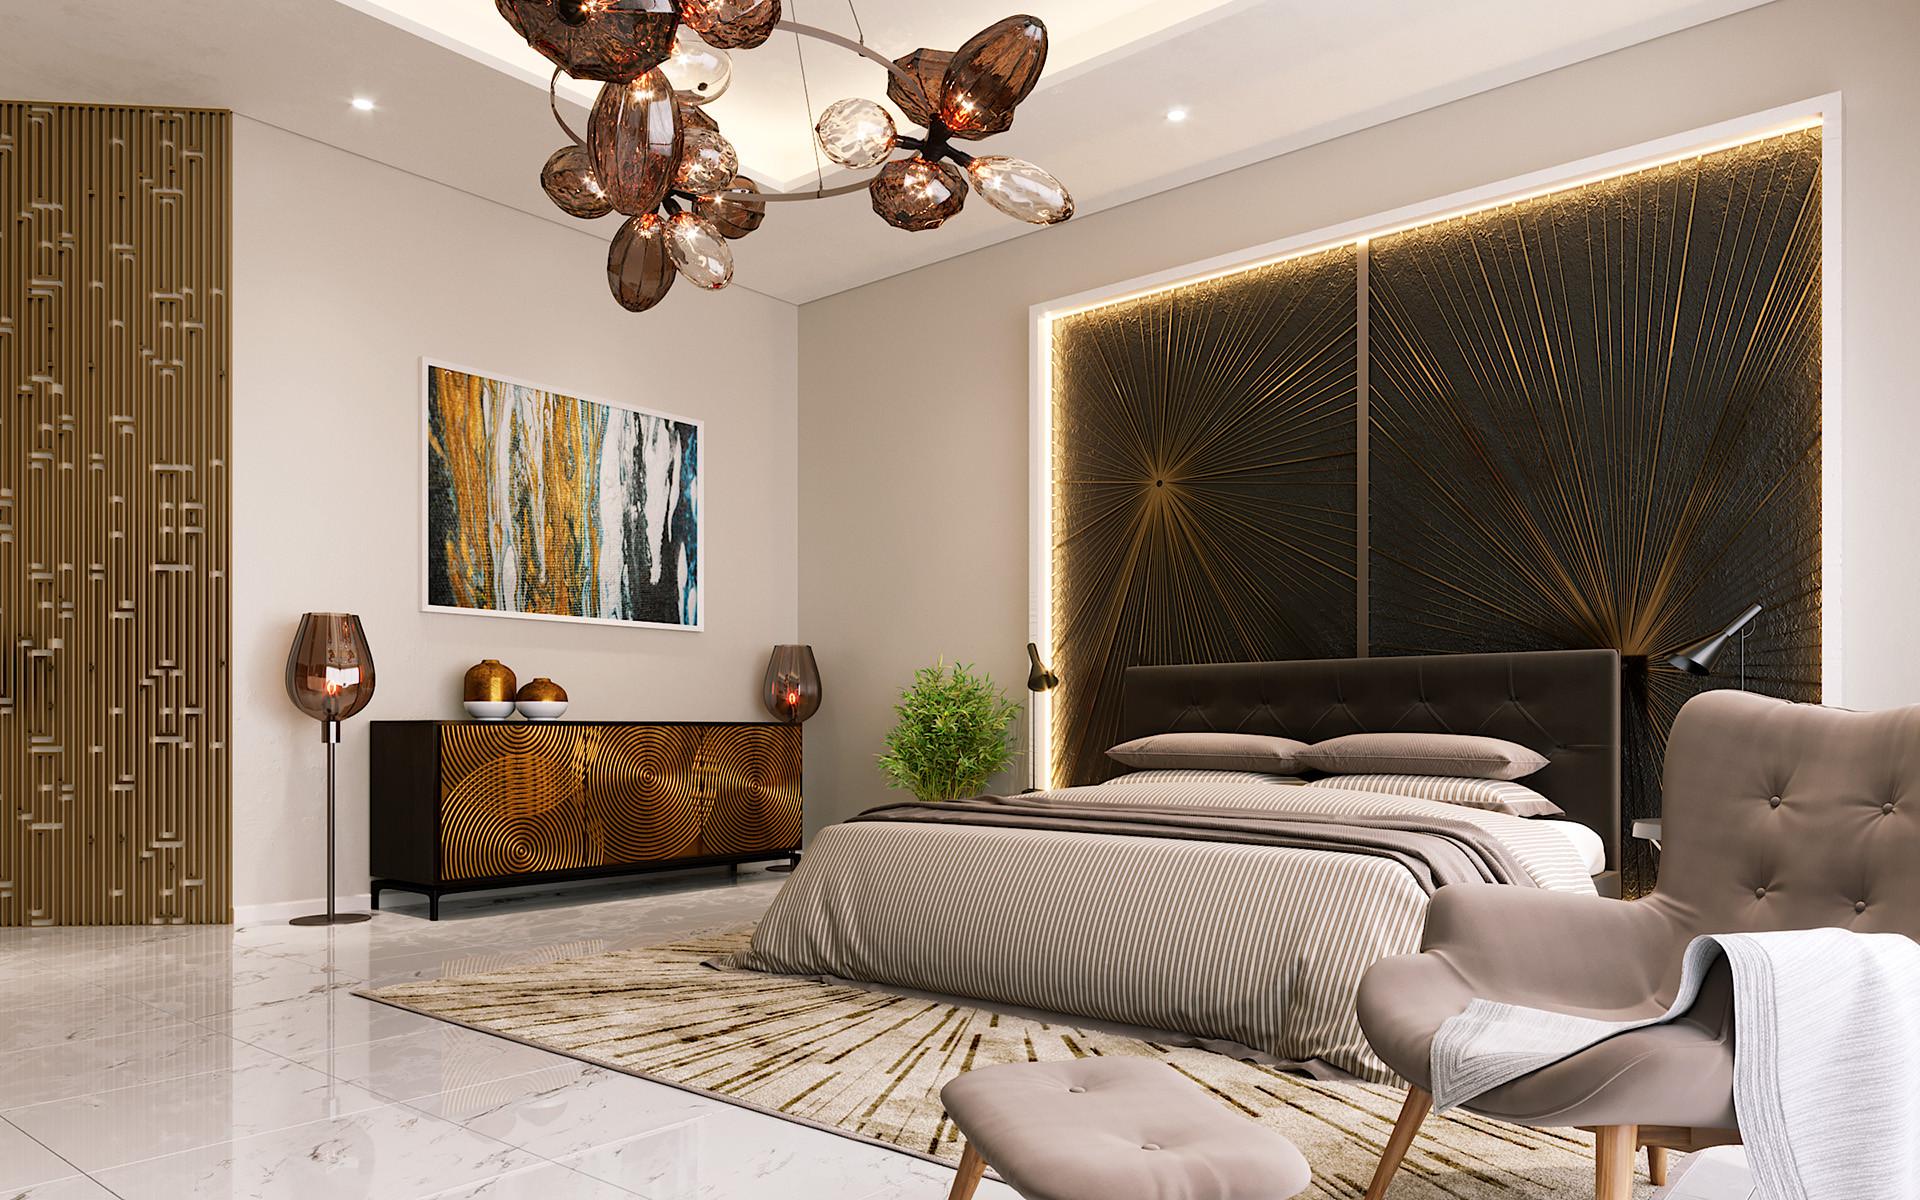 3D_renders_interiors_Dubai_villa1.jpg